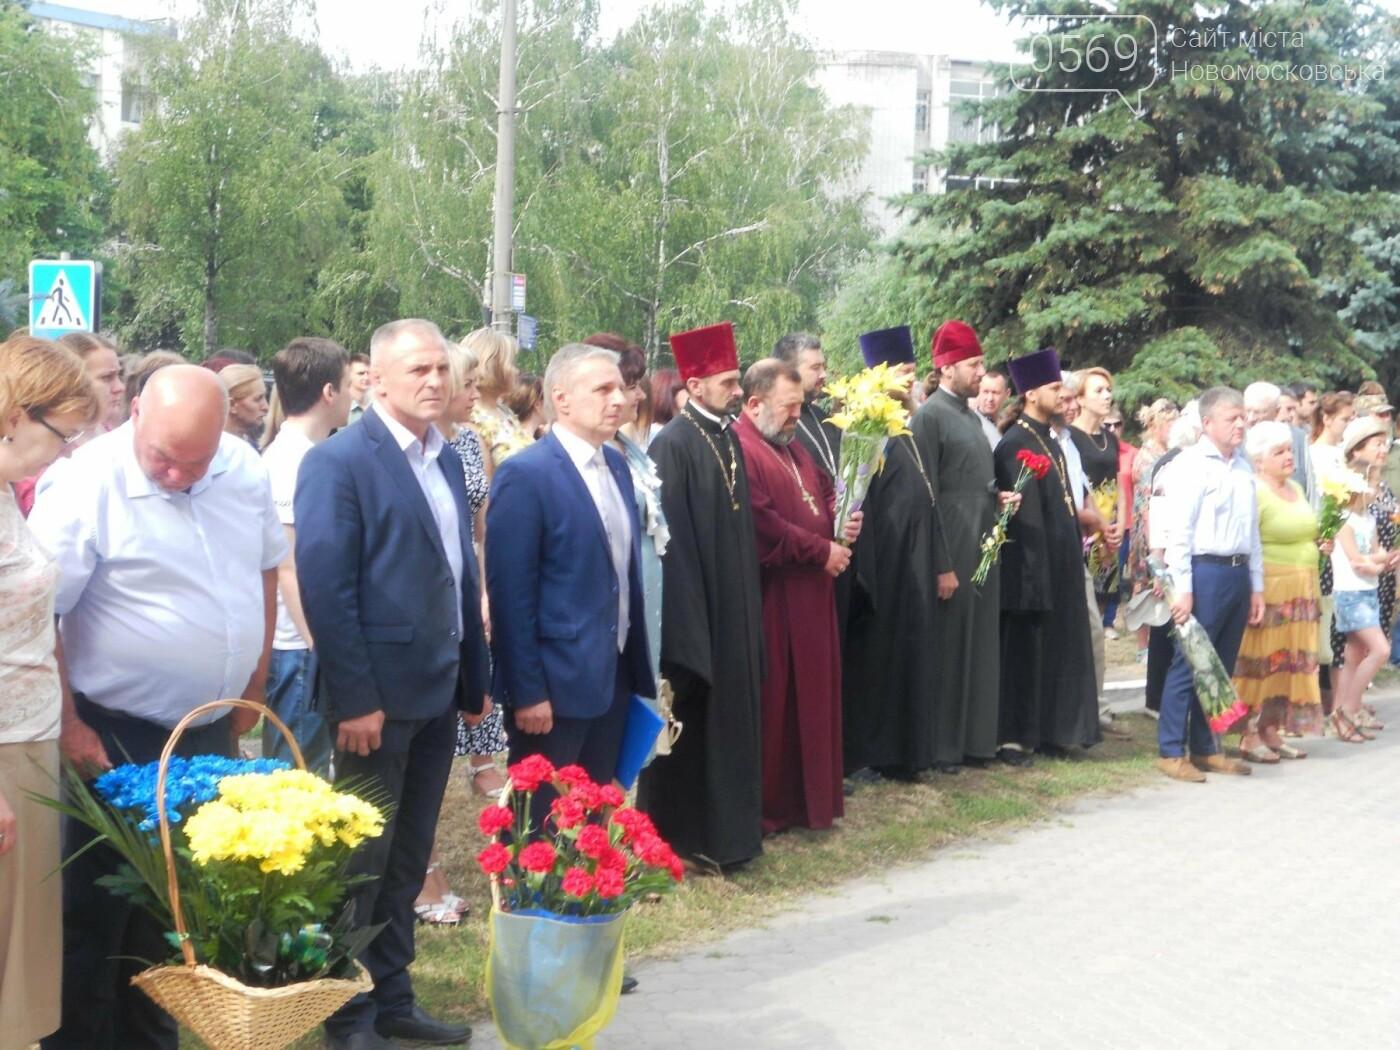 У Новомосковську пройшли урочистості з нагоди Дня Конституції України, фото-1